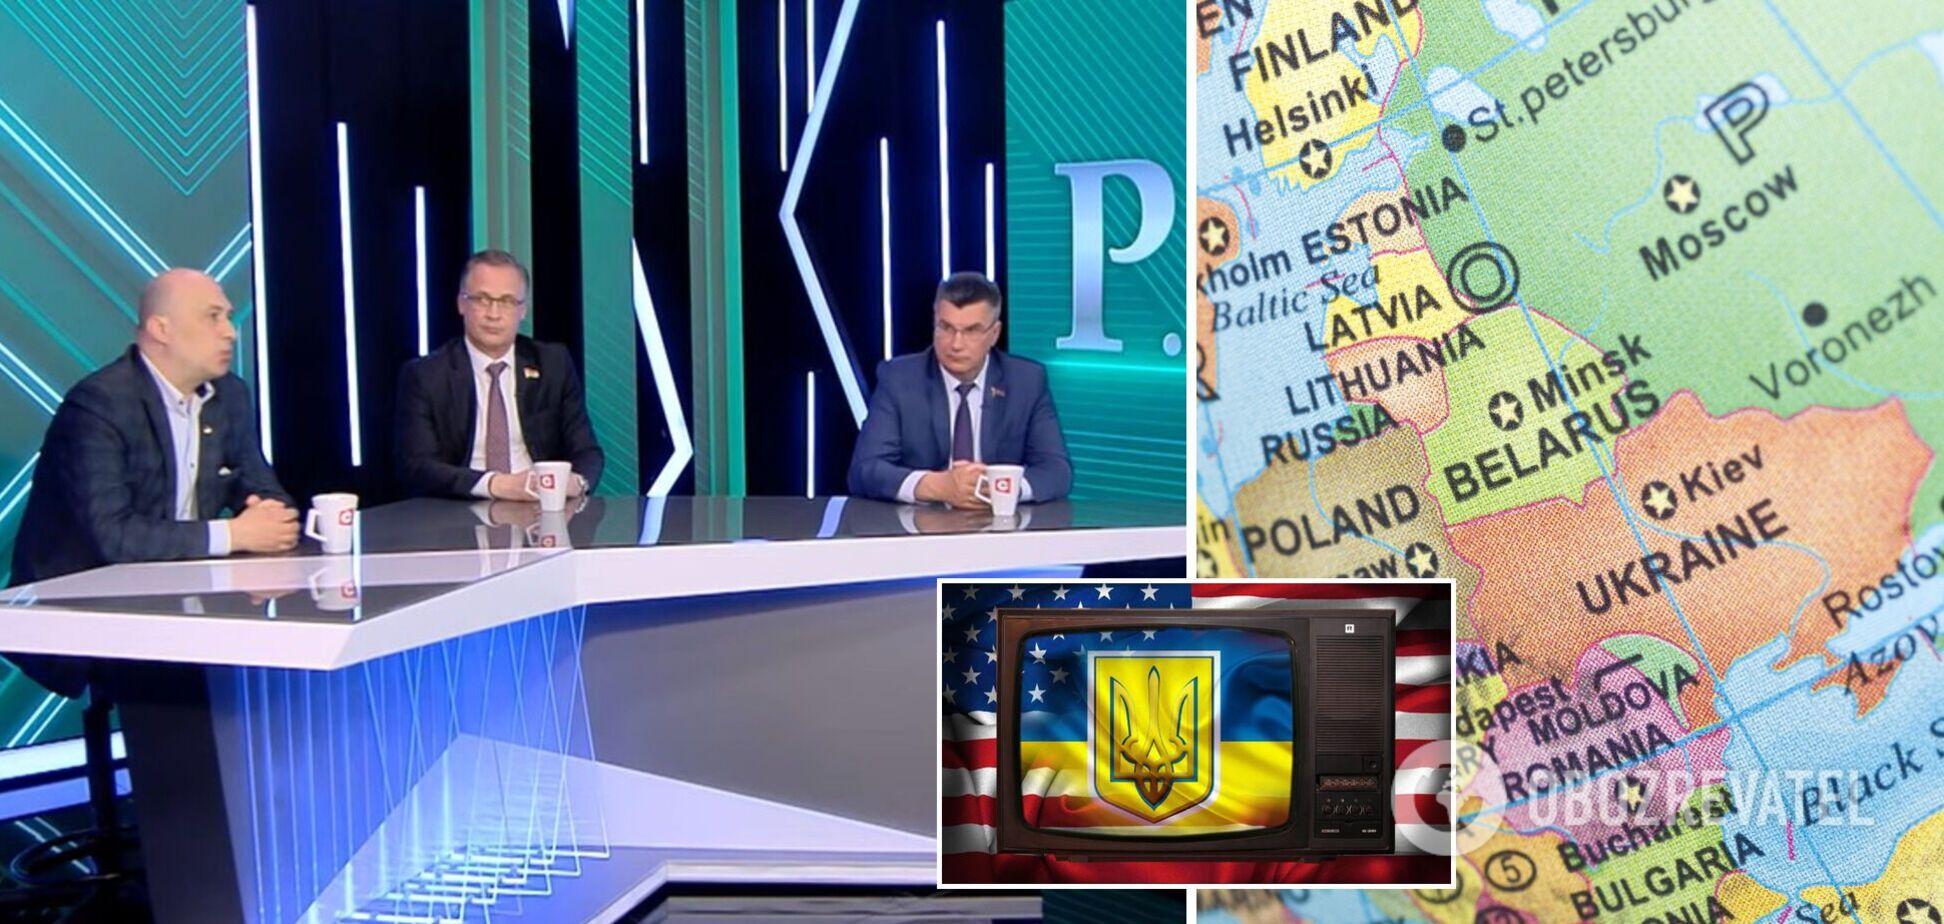 Пропагандисти в Білорусі заявили, що 'вся Україна, крім Донбасу, окупована'. Відео